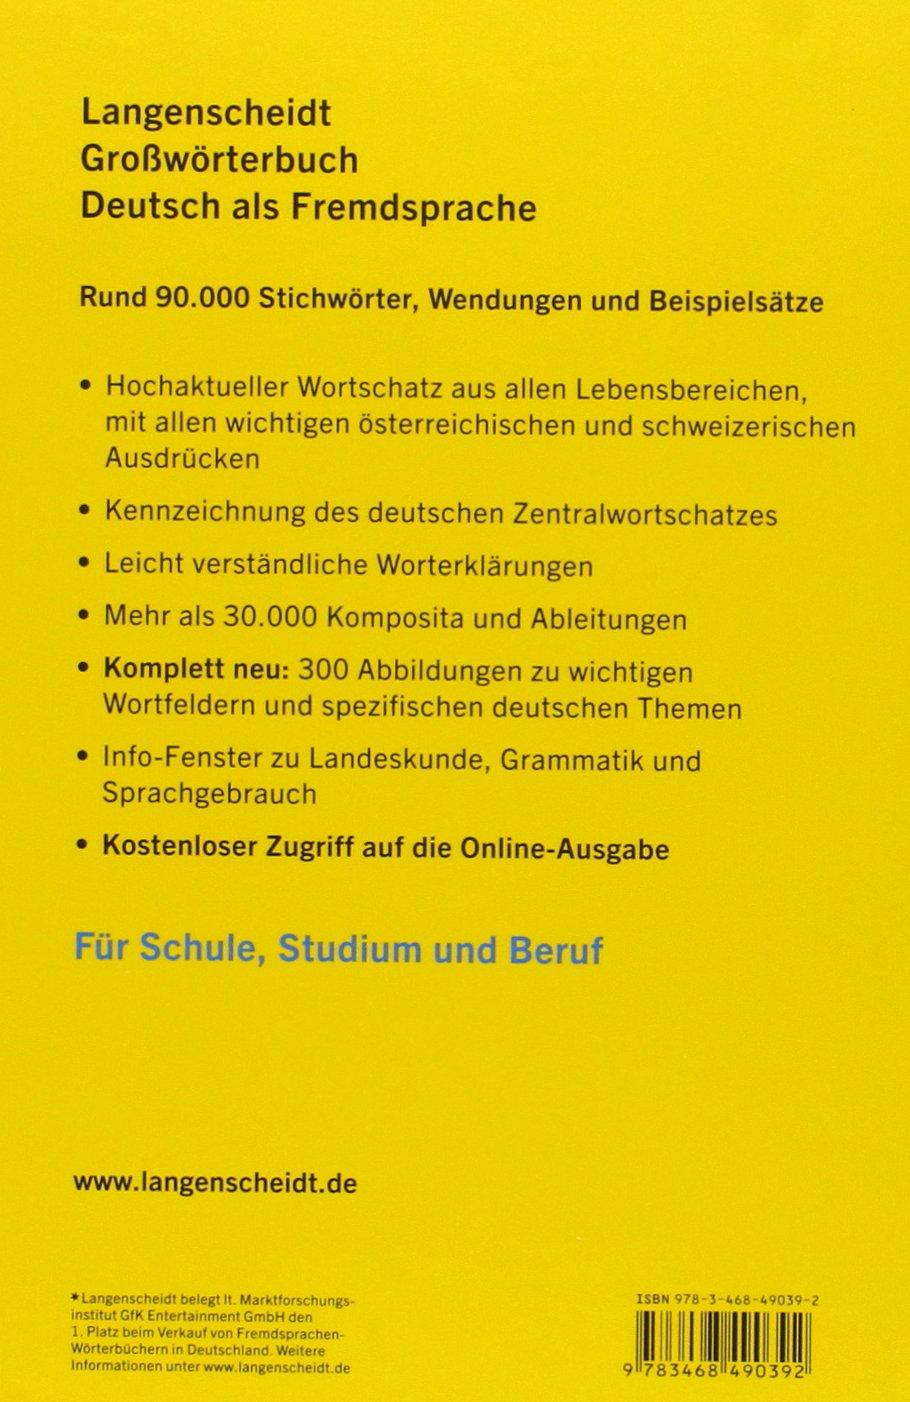 Langenscheidts grossworterbuch deutsch als fremdsprache langenscheidts gro s amazon co uk erich kastner 9783468490392 books